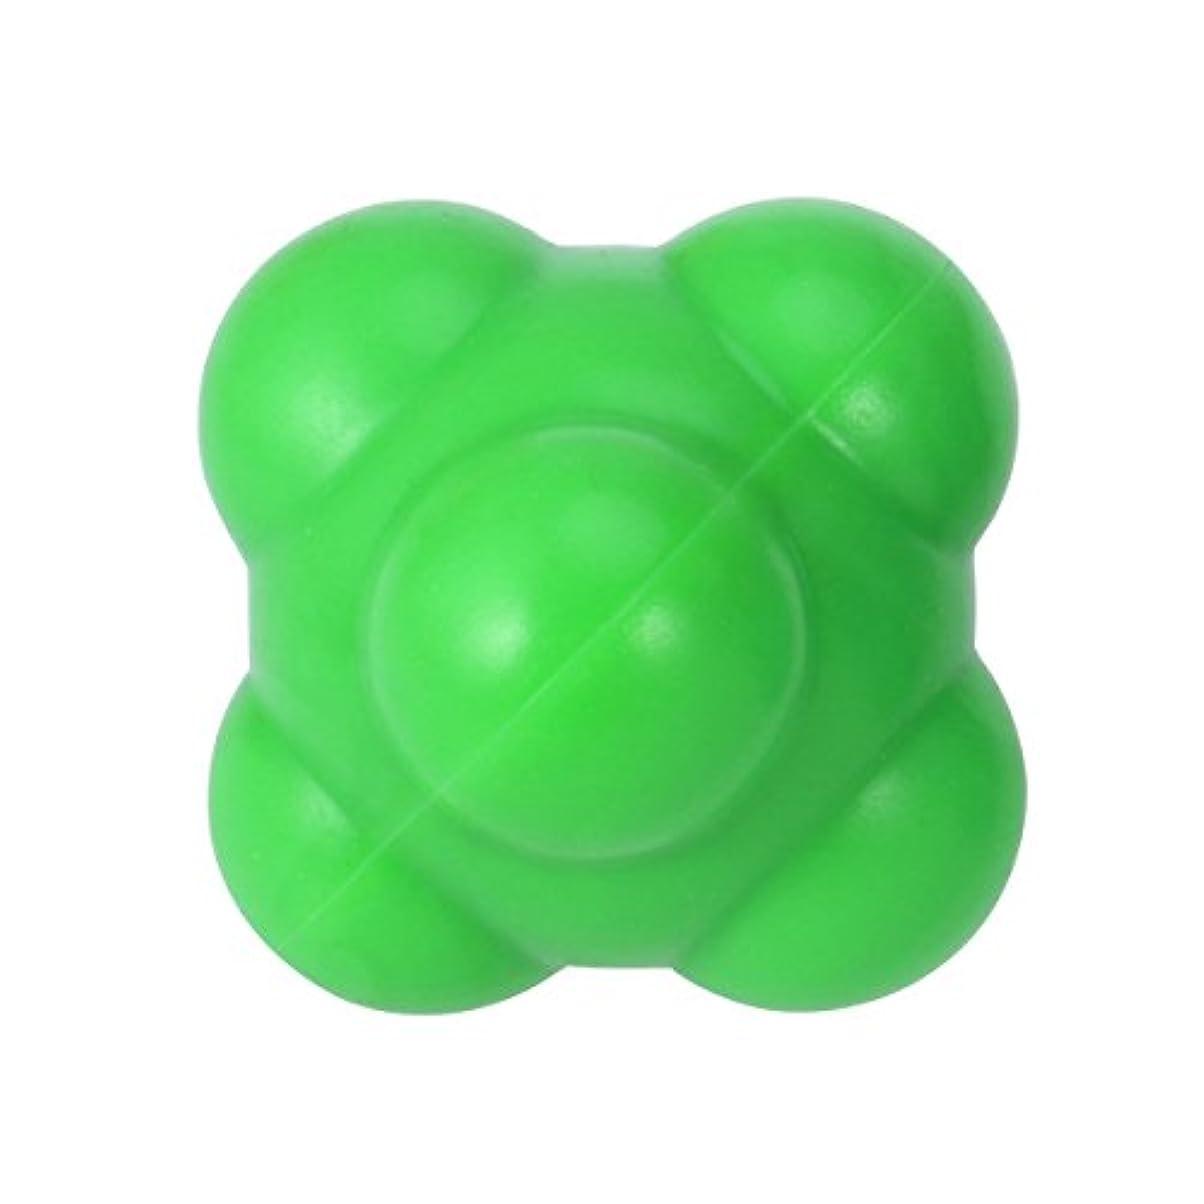 真実道徳の宿るSUPVOX 反応ボール 敏捷性とスピードハンドアイ調整(グリーン)